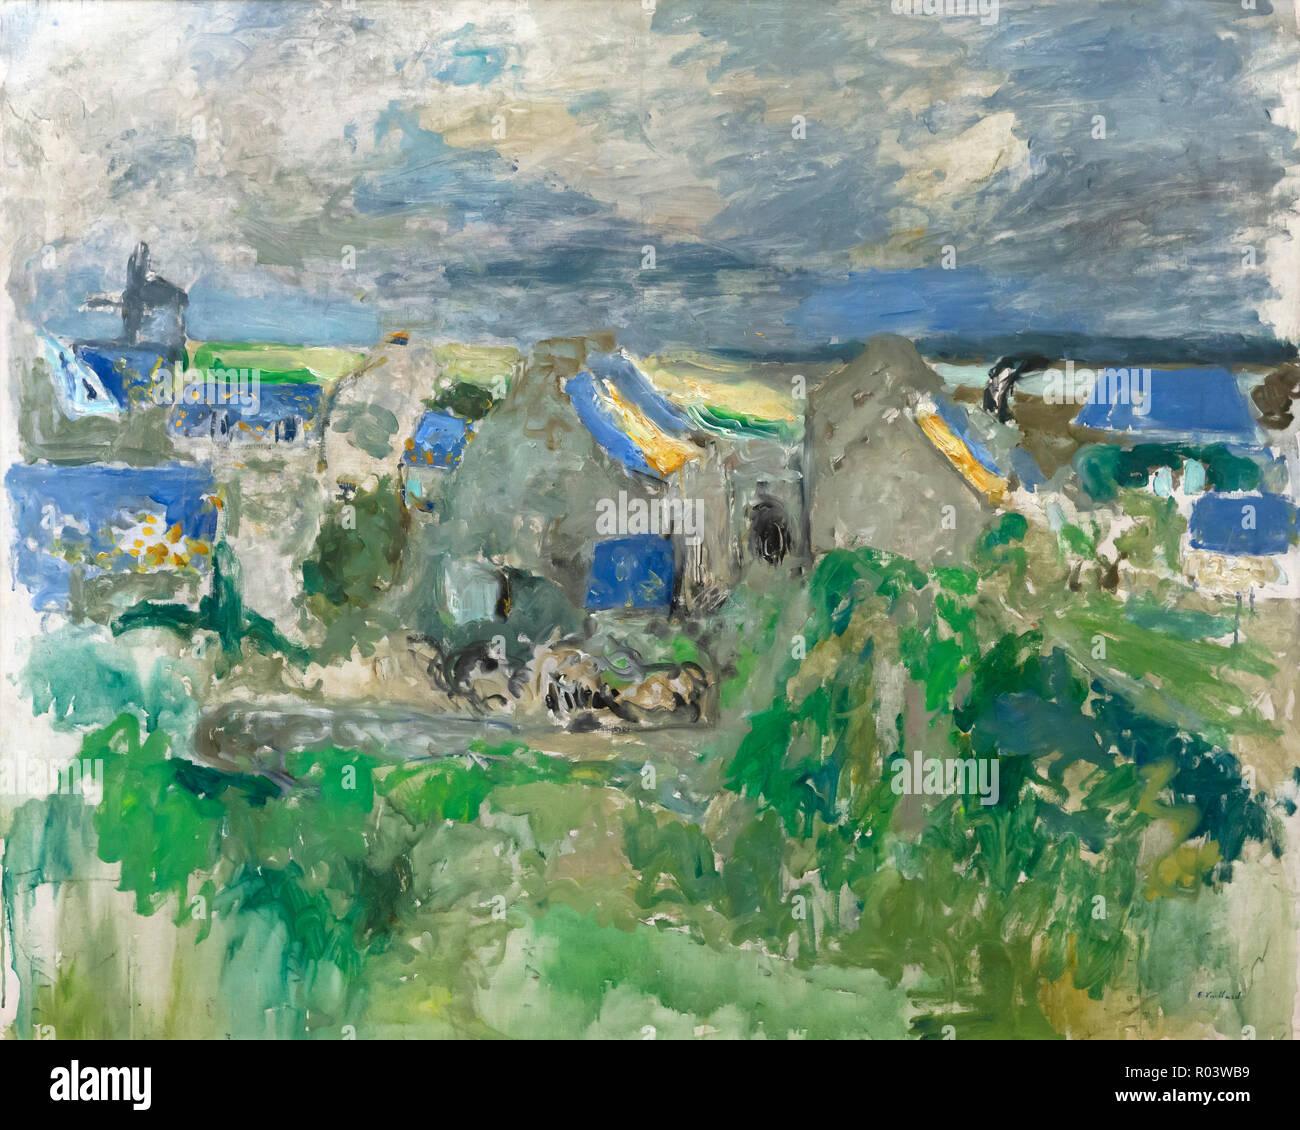 Villaggio sul Mare, Edouard Vuillard, 1909, Zurigo Kunsthaus di Zurigo, Svizzera, Europa Immagini Stock